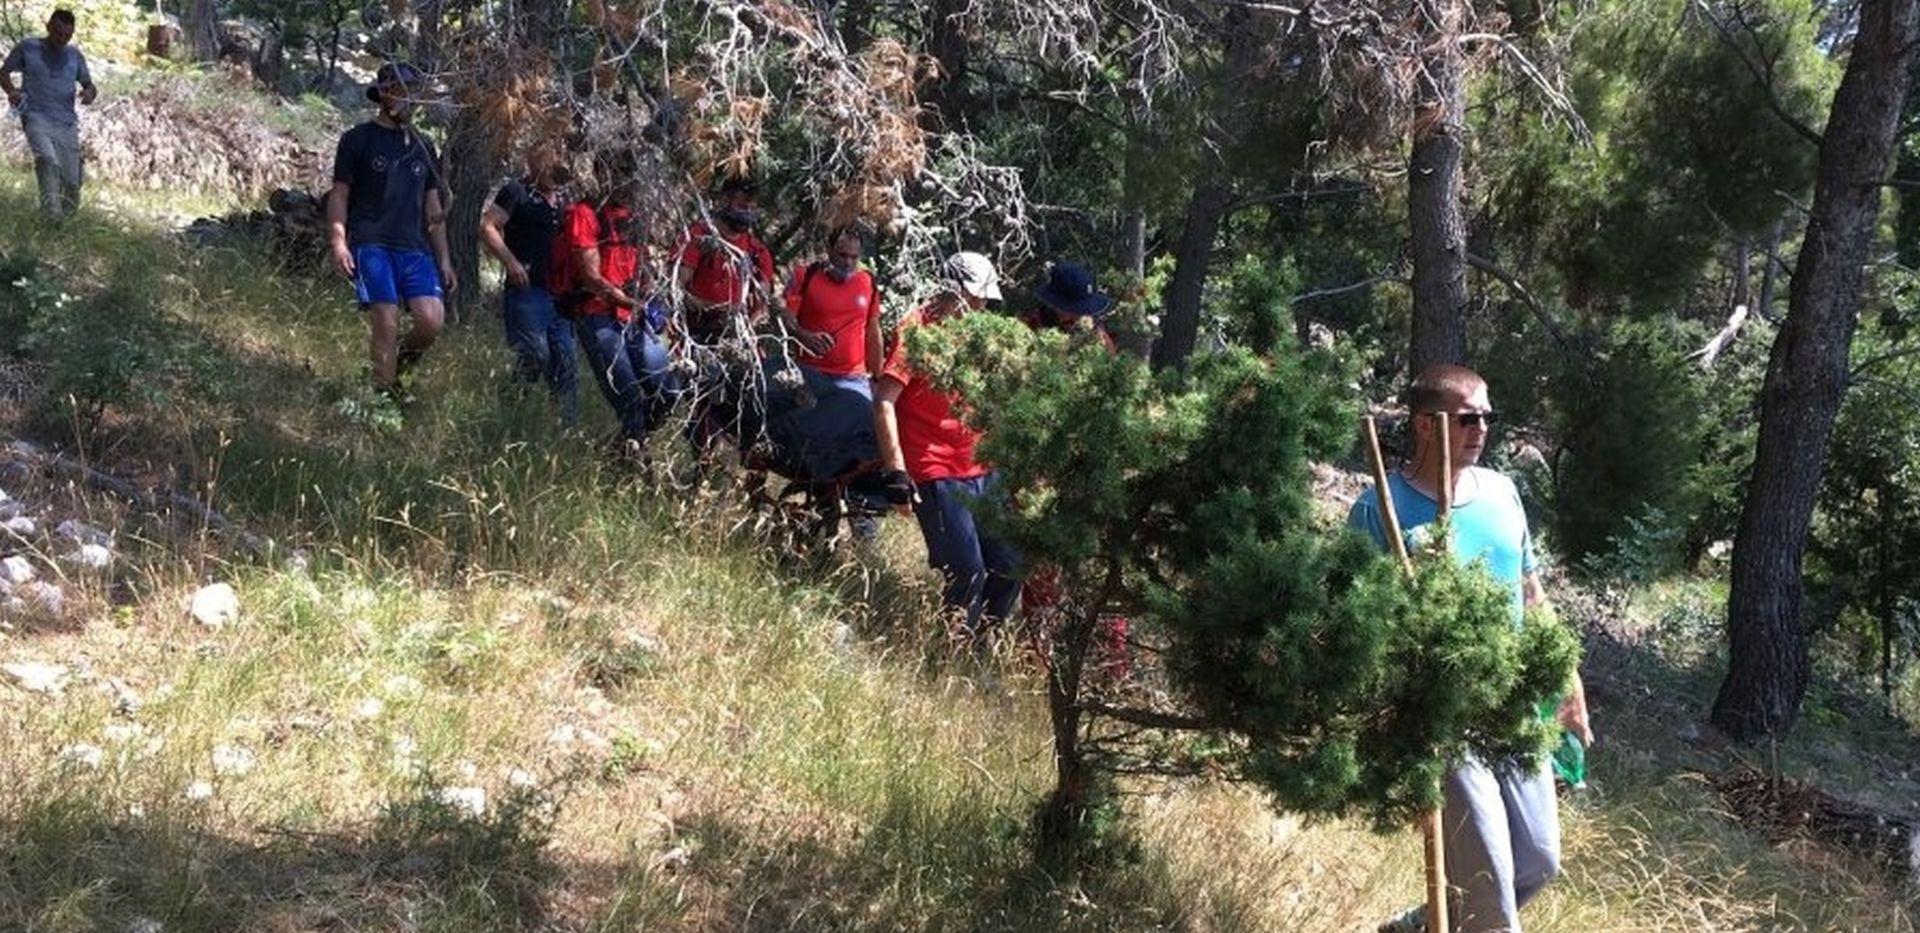 Potraga na Rabu završena pronalaskom tijela nestale osobe